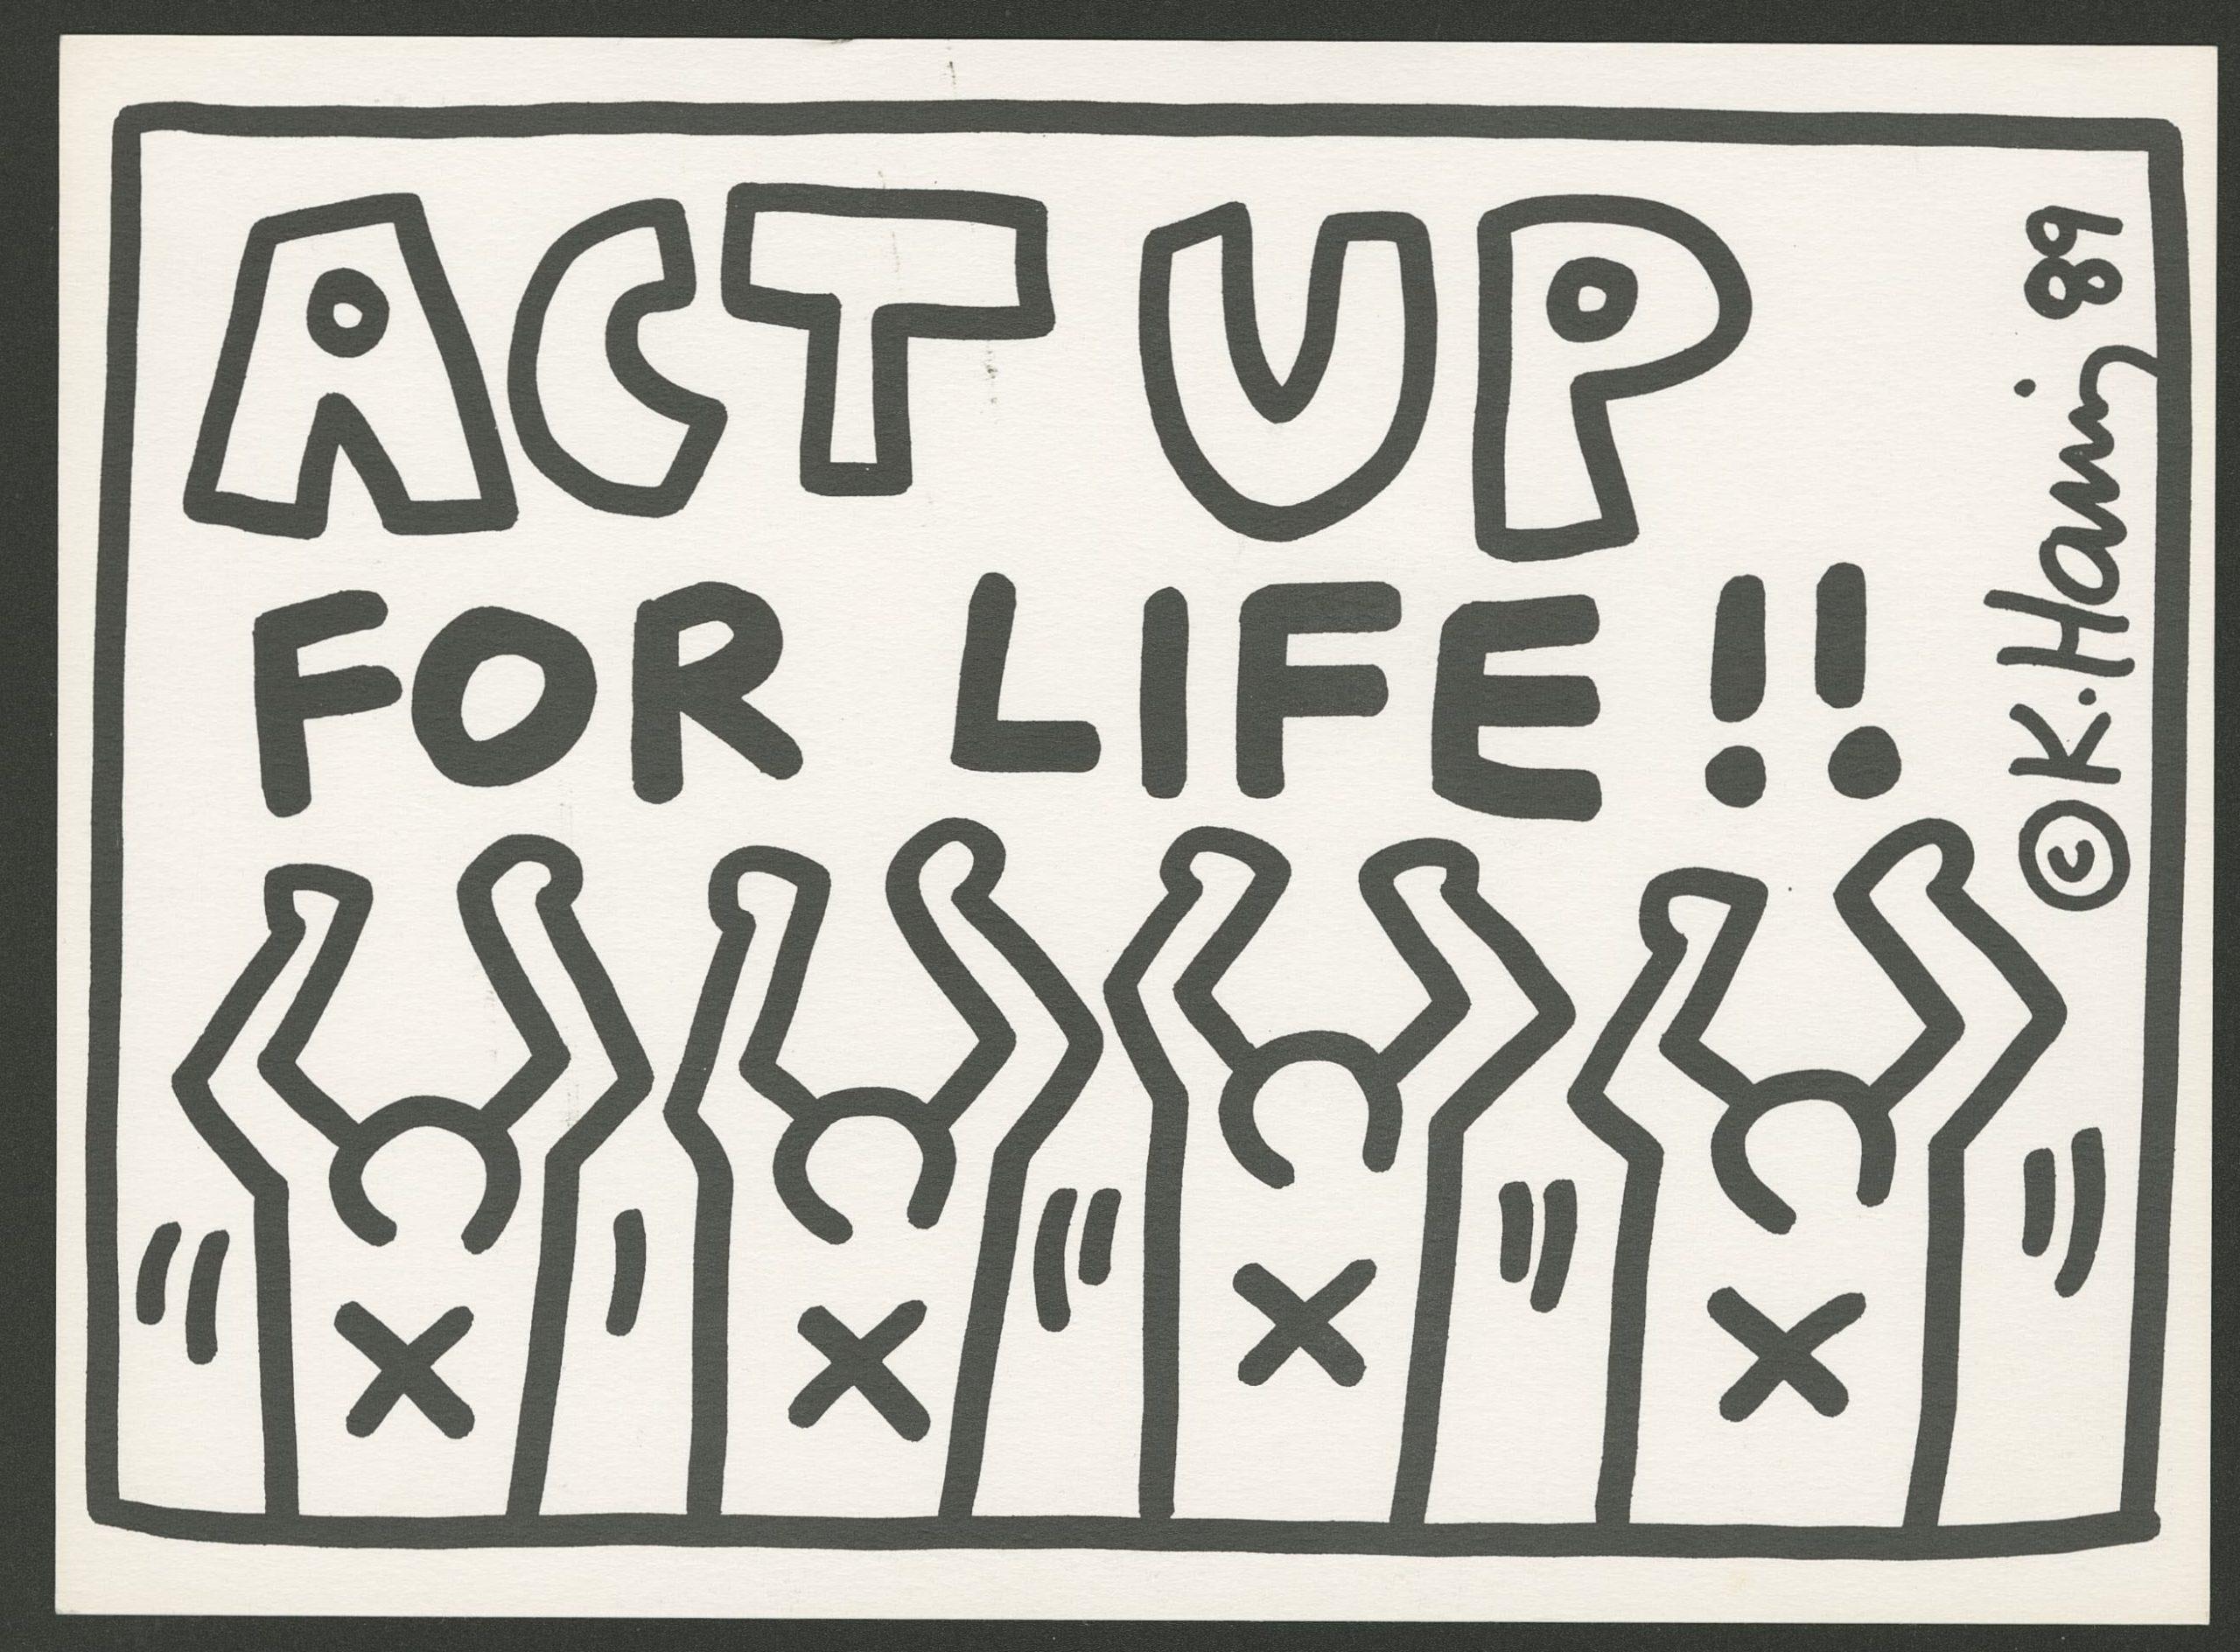 Keith Haring Act Up